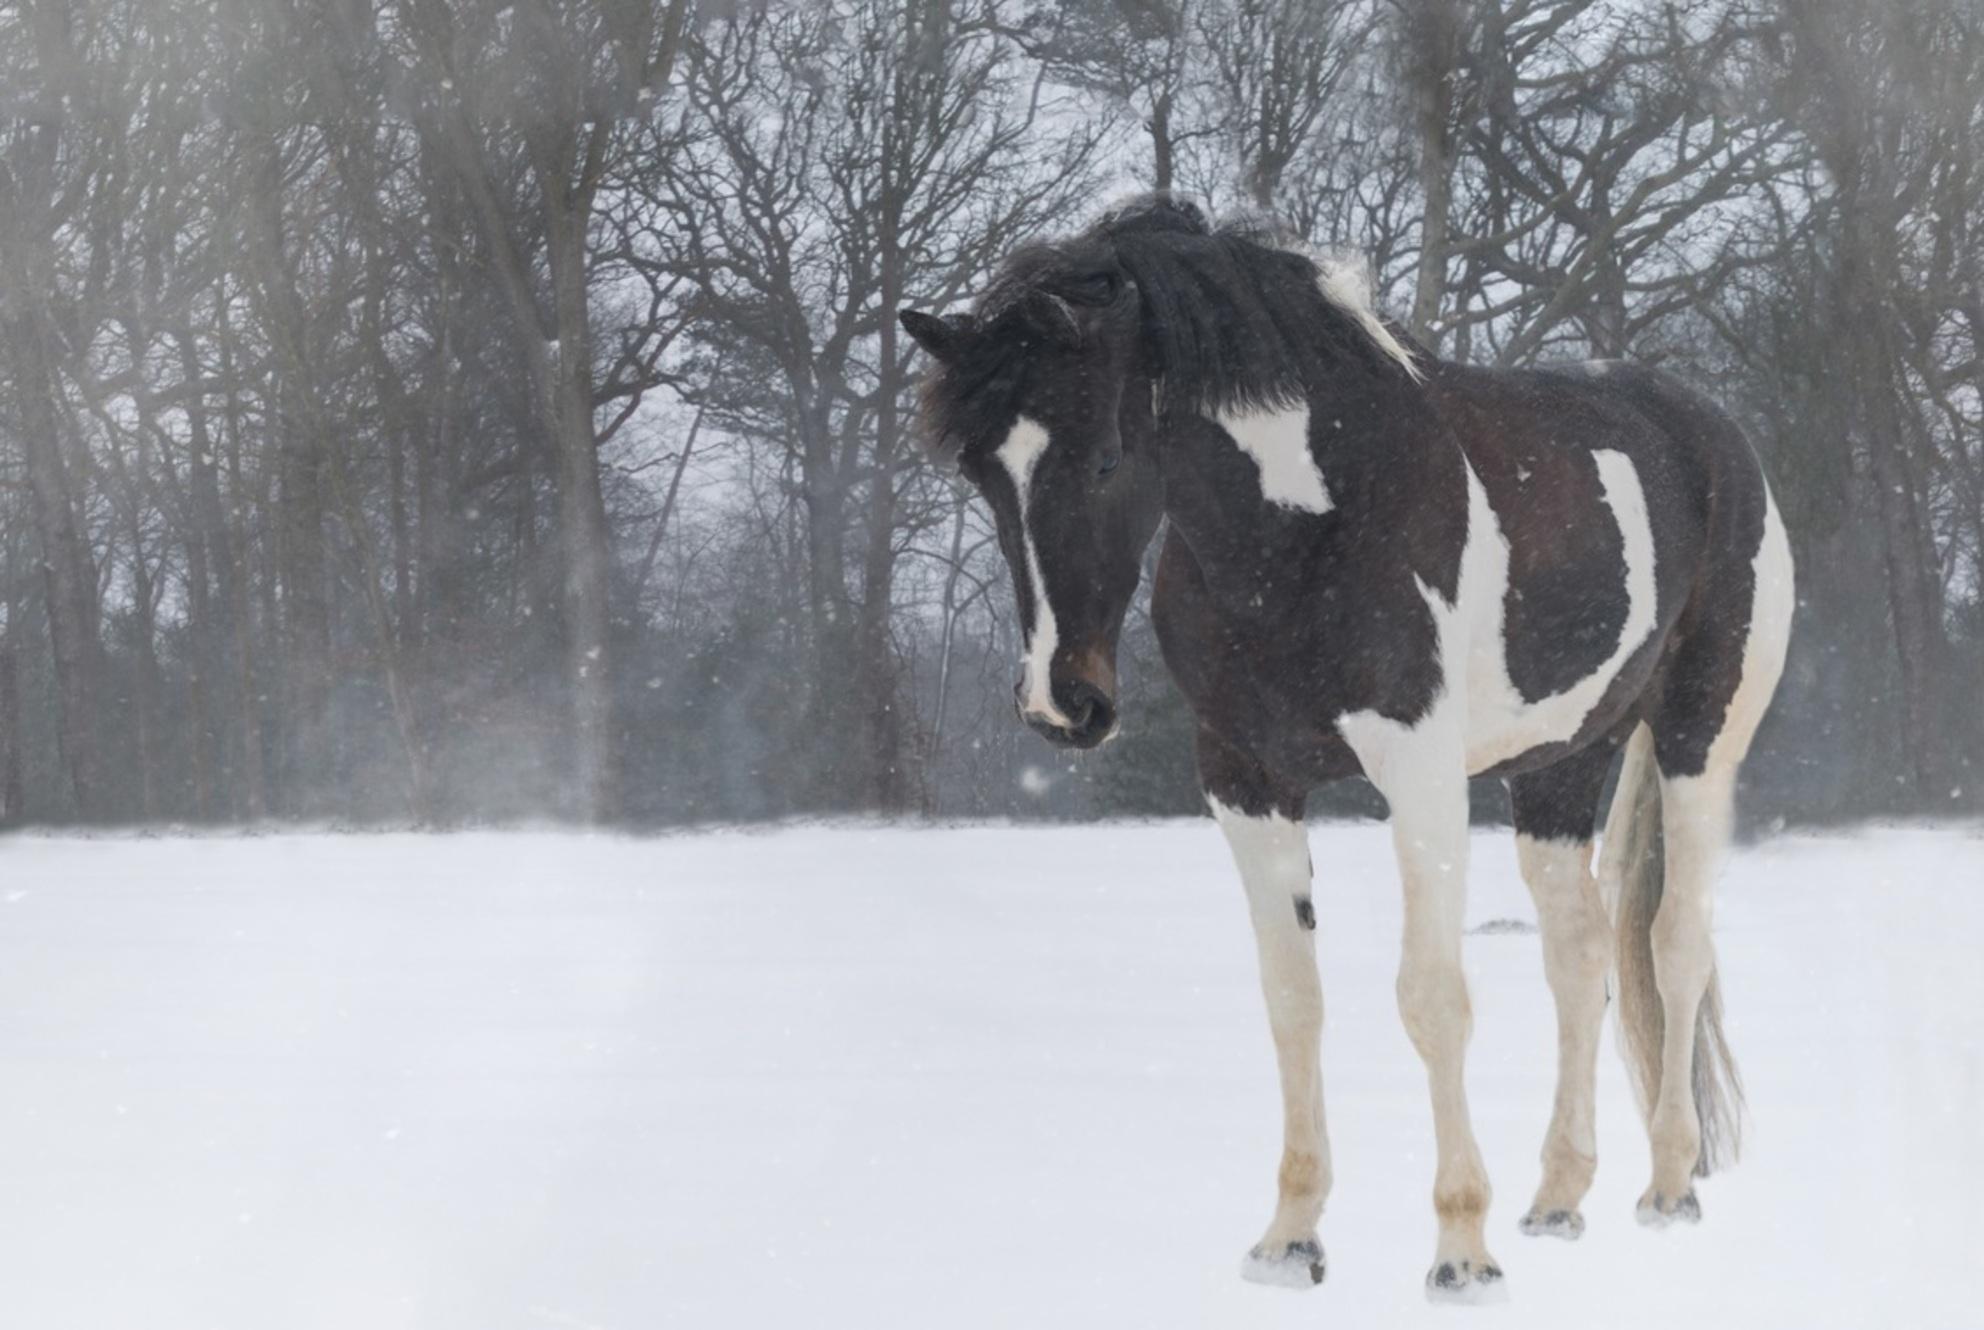 Mijn paardje in de sneeuw. - Eindelijk mijn eigen paardje in de sneeuw kunnen fotograferen - foto door Asjanson op 17-02-2021 - deze foto bevat: sneeuw, paard, dieren, huisdier